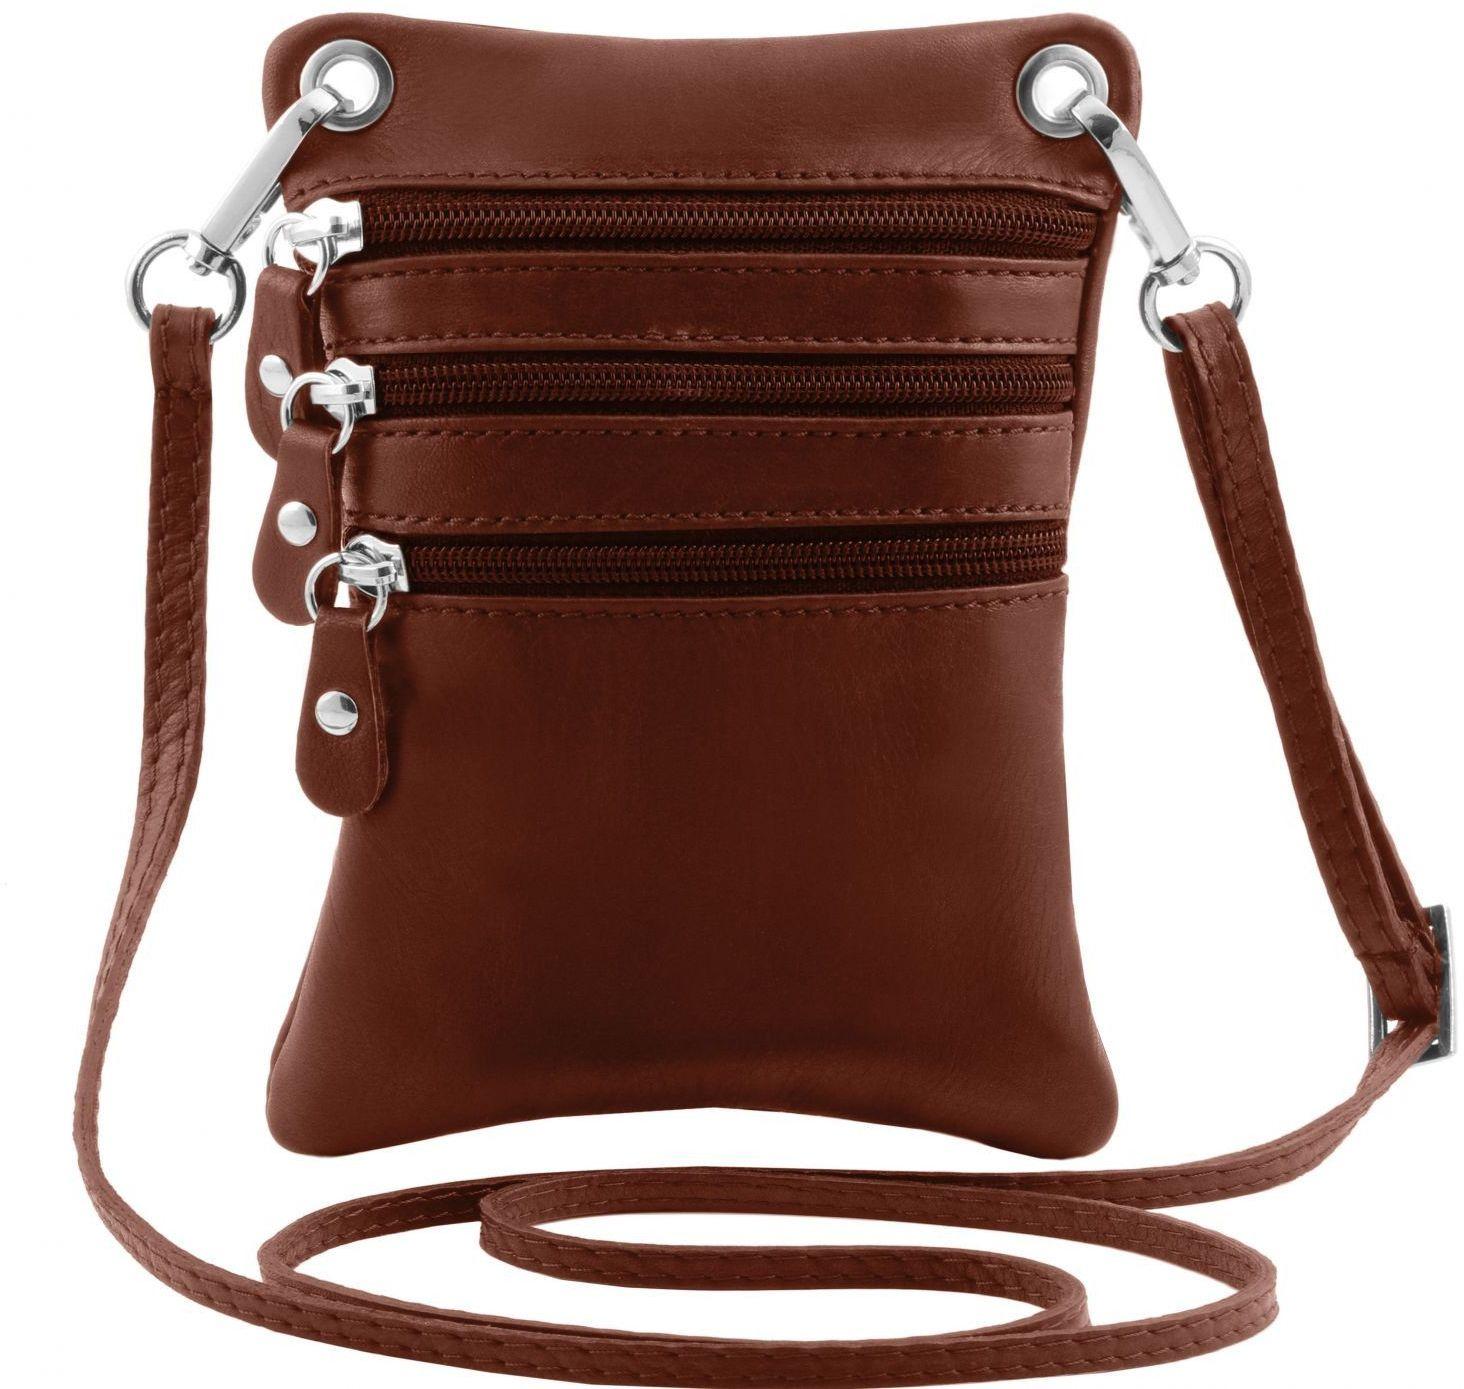 Γυναικείο Τσαντάκι Δερμάτινο TL141368 Καφέ Tuscany Leather